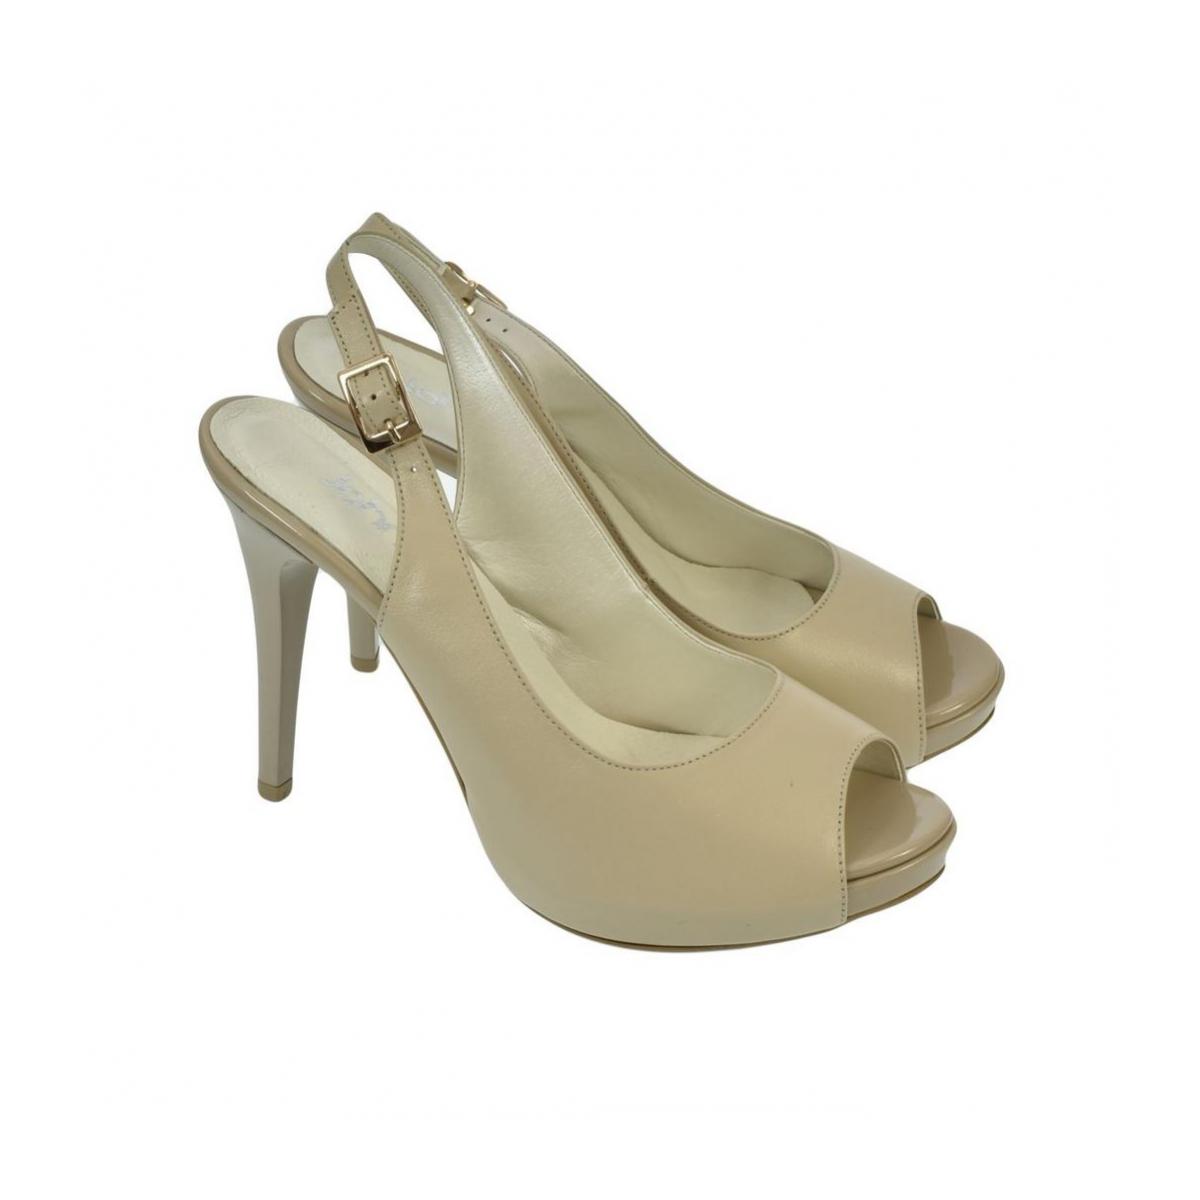 cff7a9e7b499 Dámske kožené béžové sandále SINNI - 3